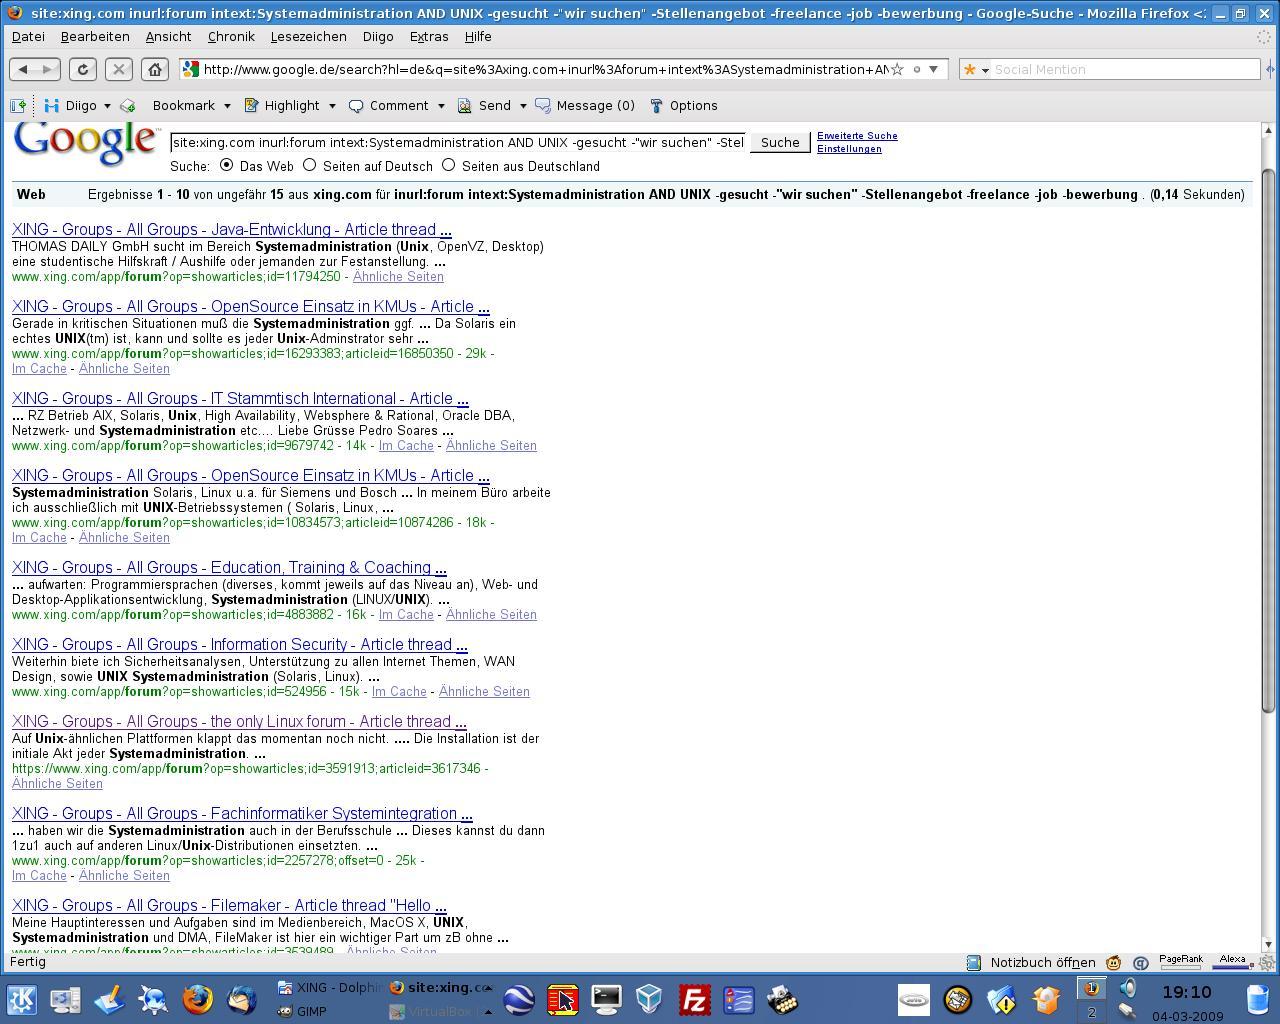 Erfreut Die Boolesche Suche Wird Auf Google Fortgesetzt Ideen ...